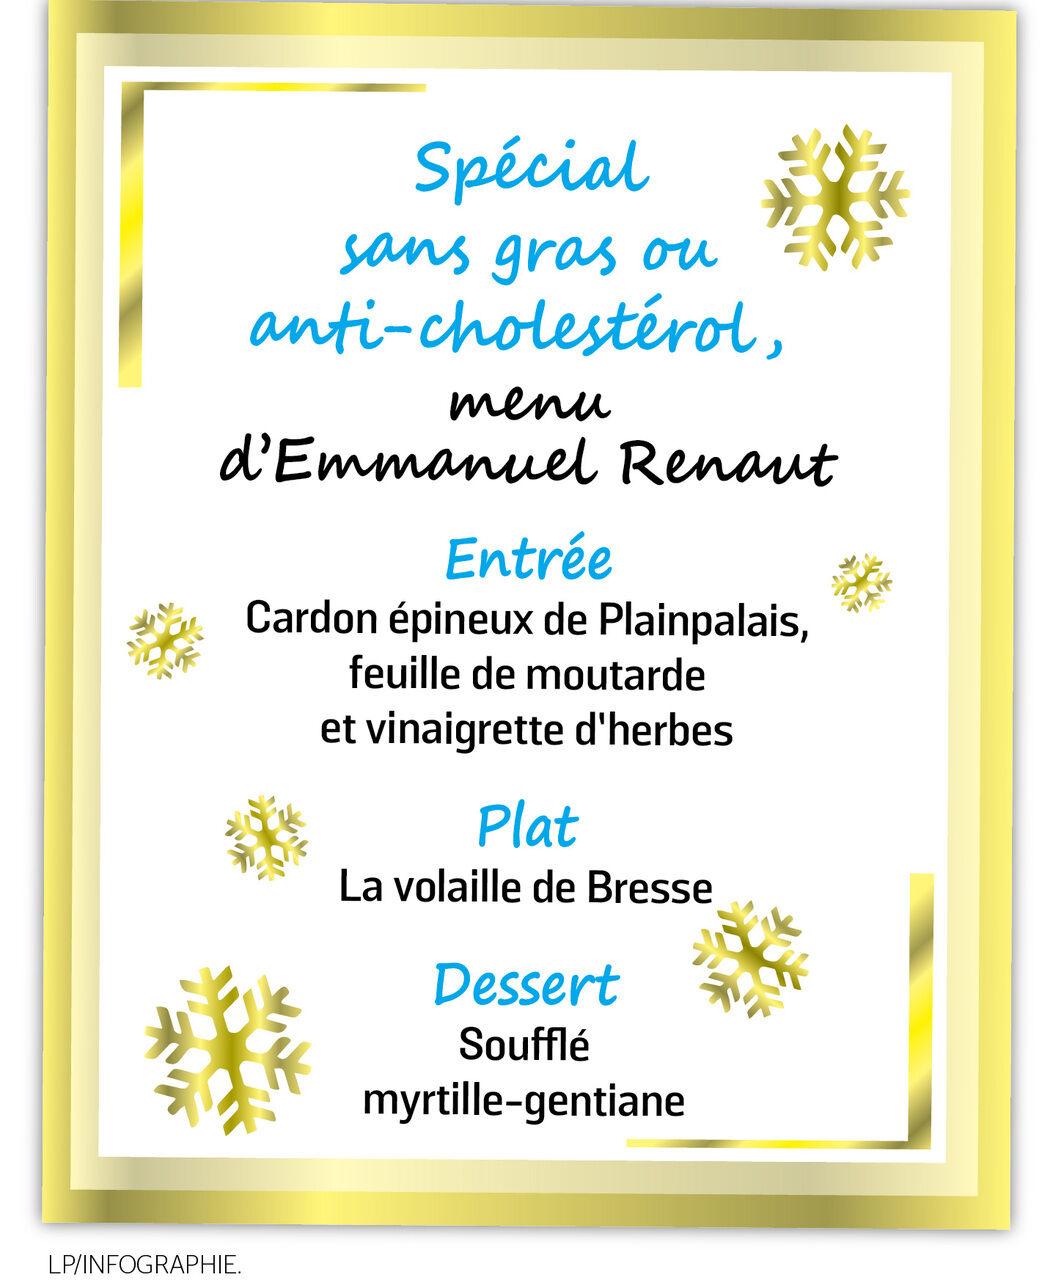 Idee Repas Reveillon Du Jour De L An.Nouvel An Le Menu Special Anticholesterol D Emmanuel